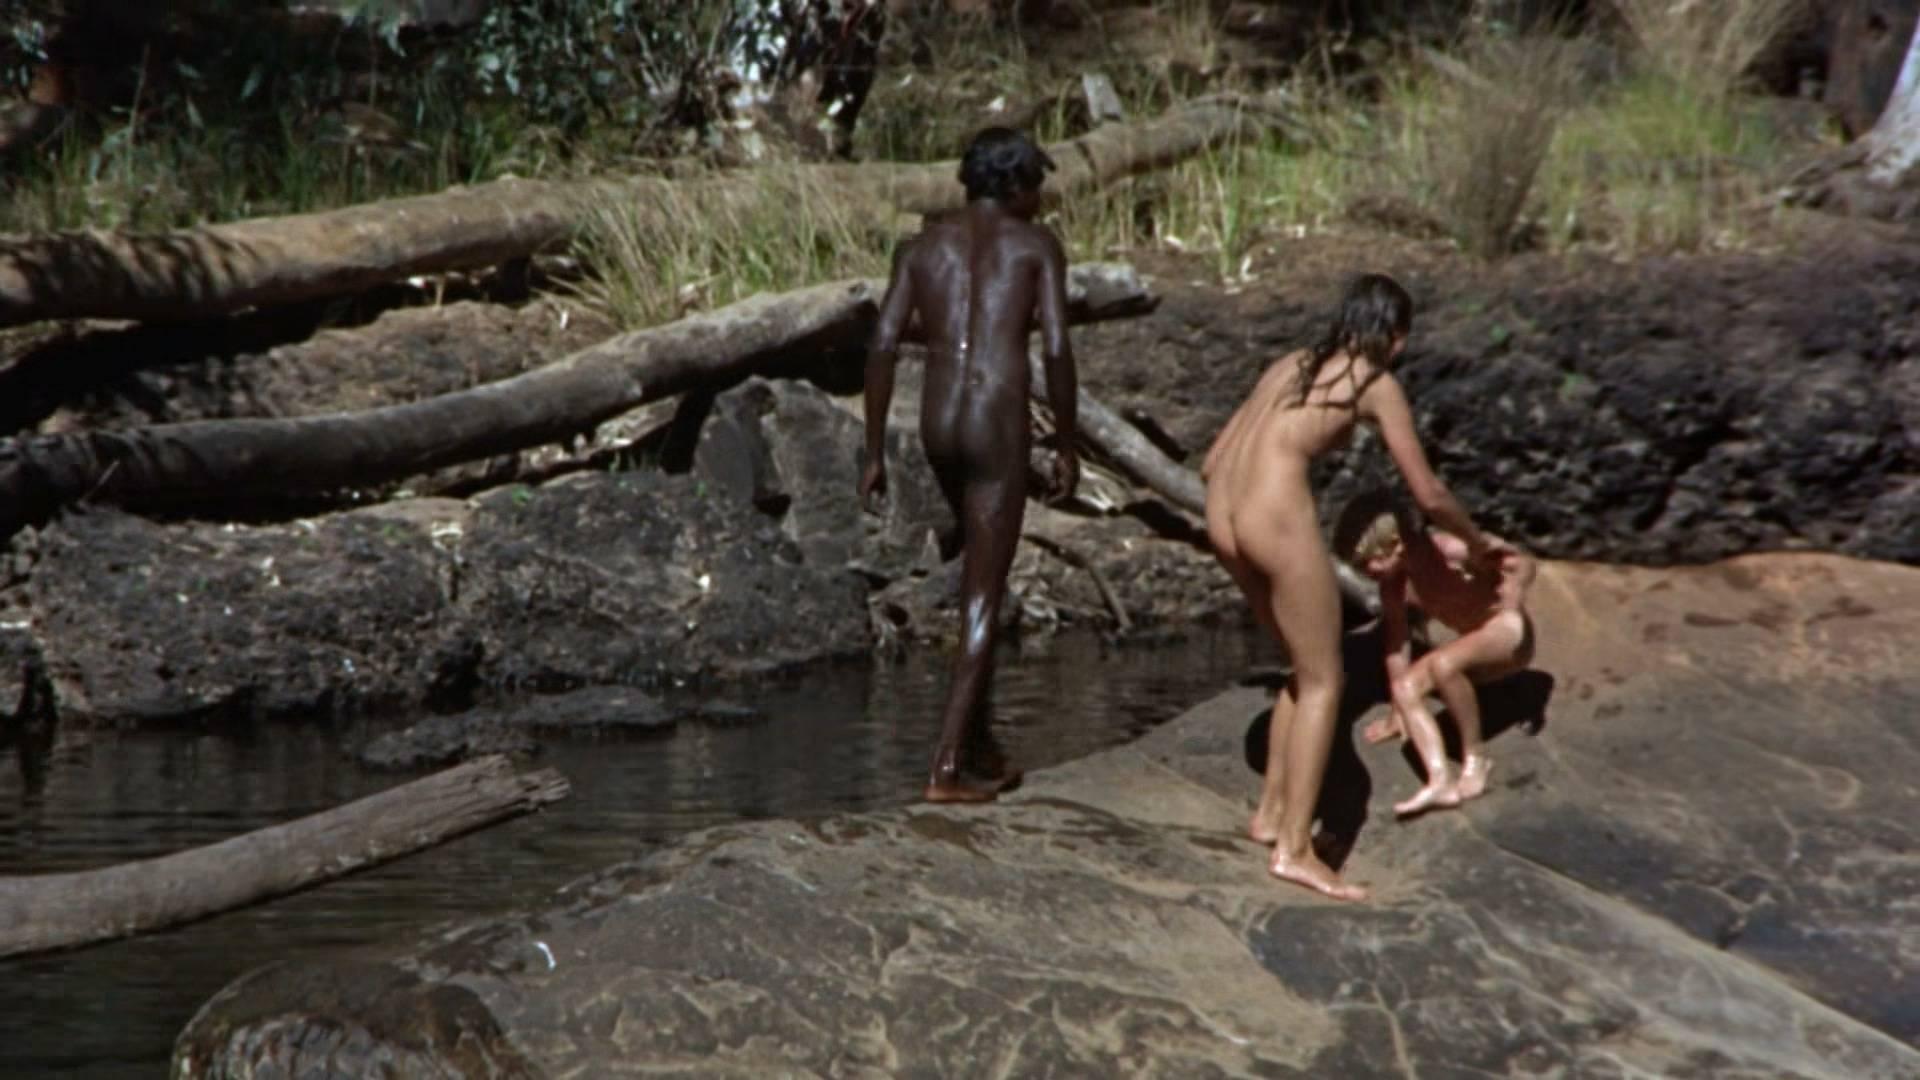 Jenny agutter nude tits free sex pics